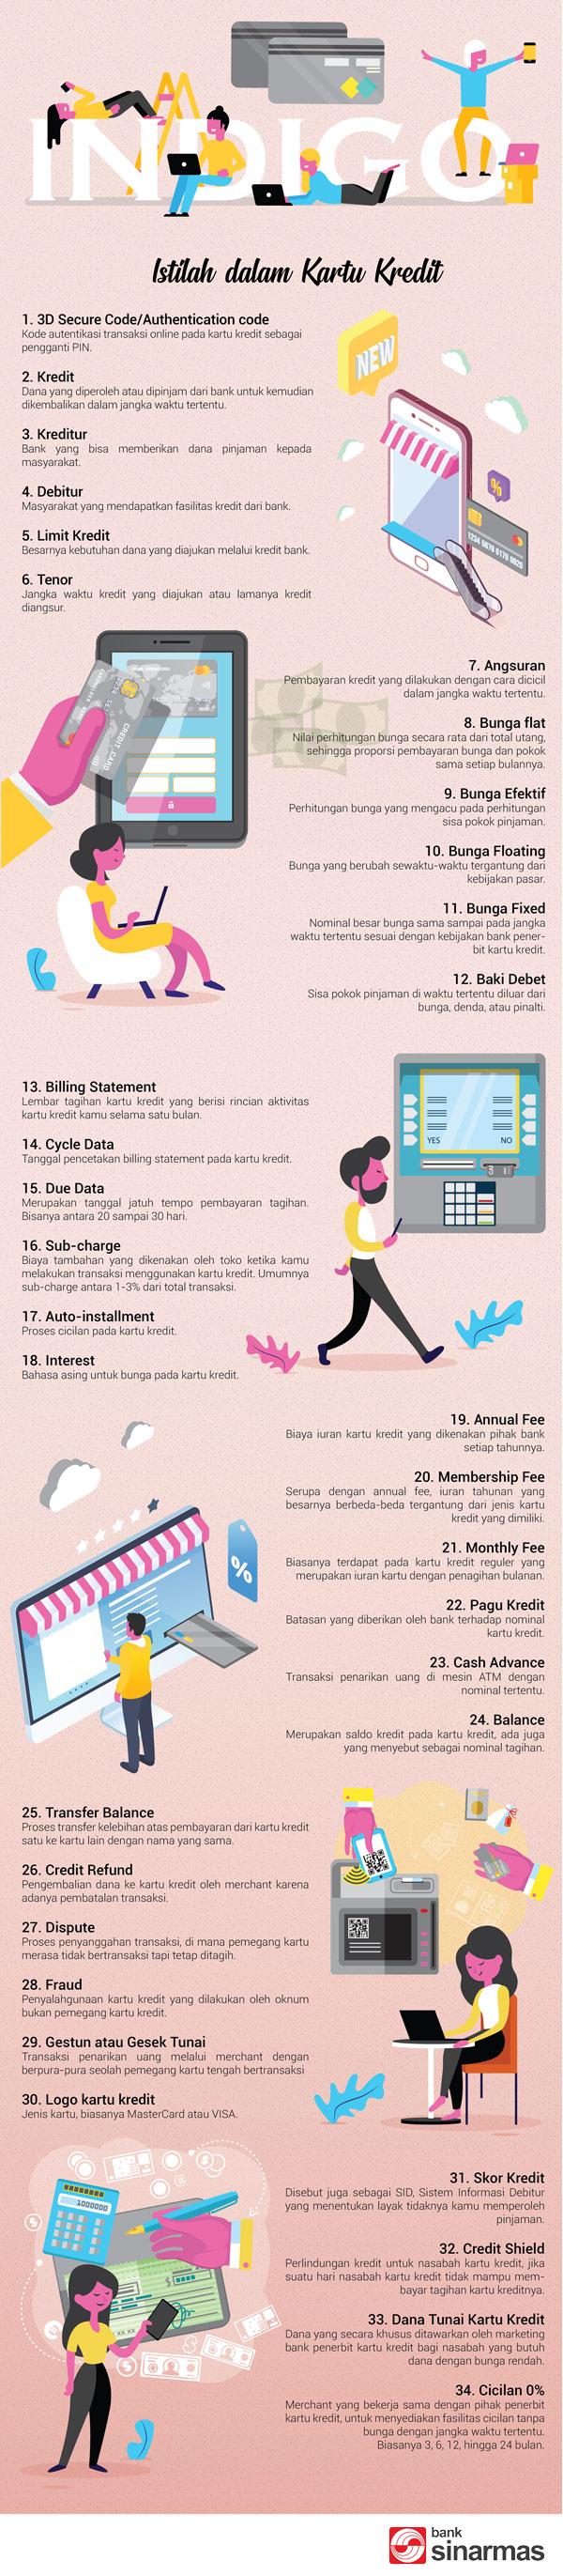 Istilah-dalam-kartu-kredit---Infografik